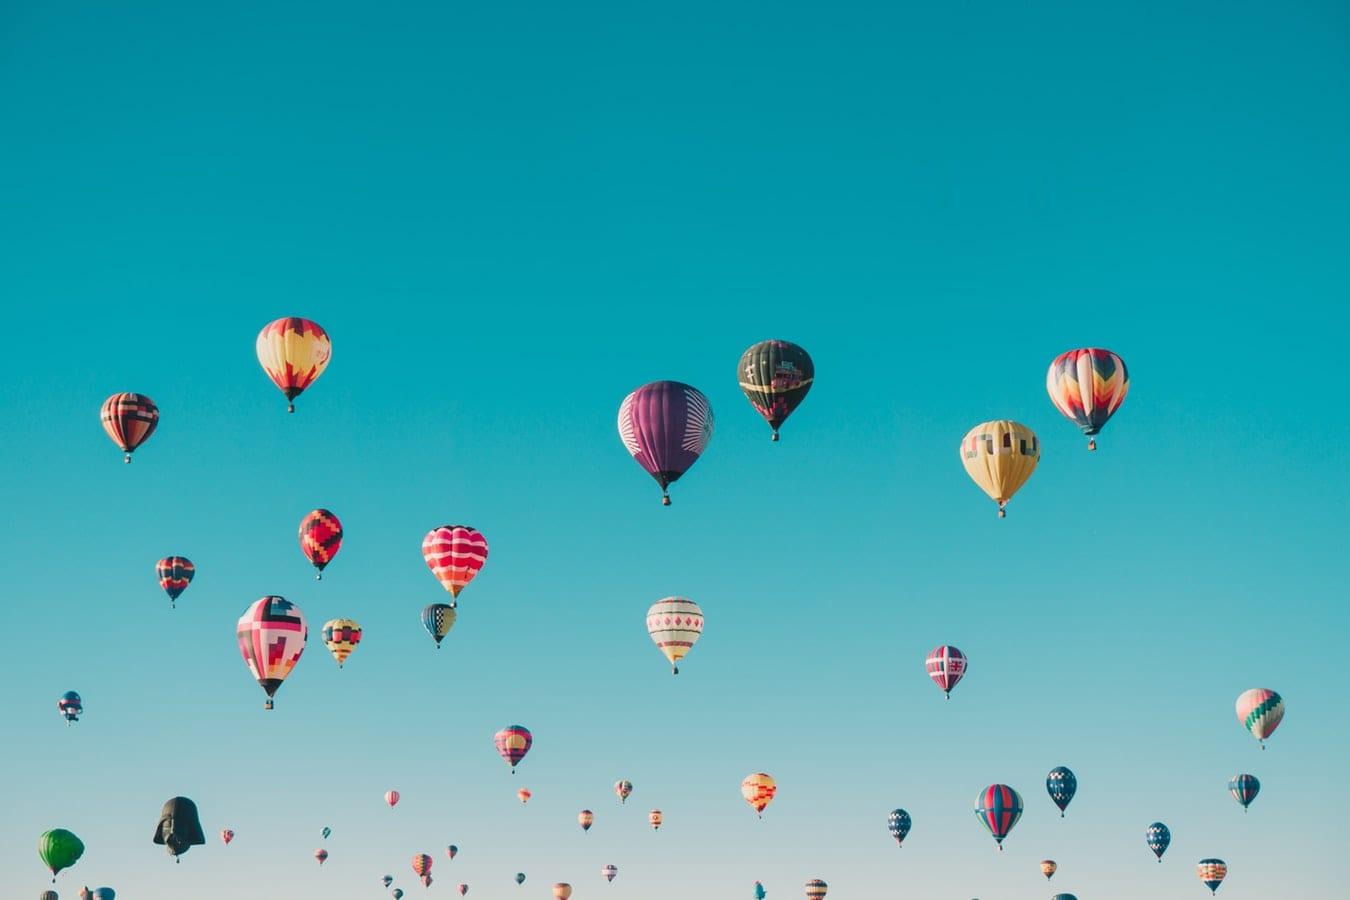 Balão de ar quente - como surgiu e como é controlado durante o voo